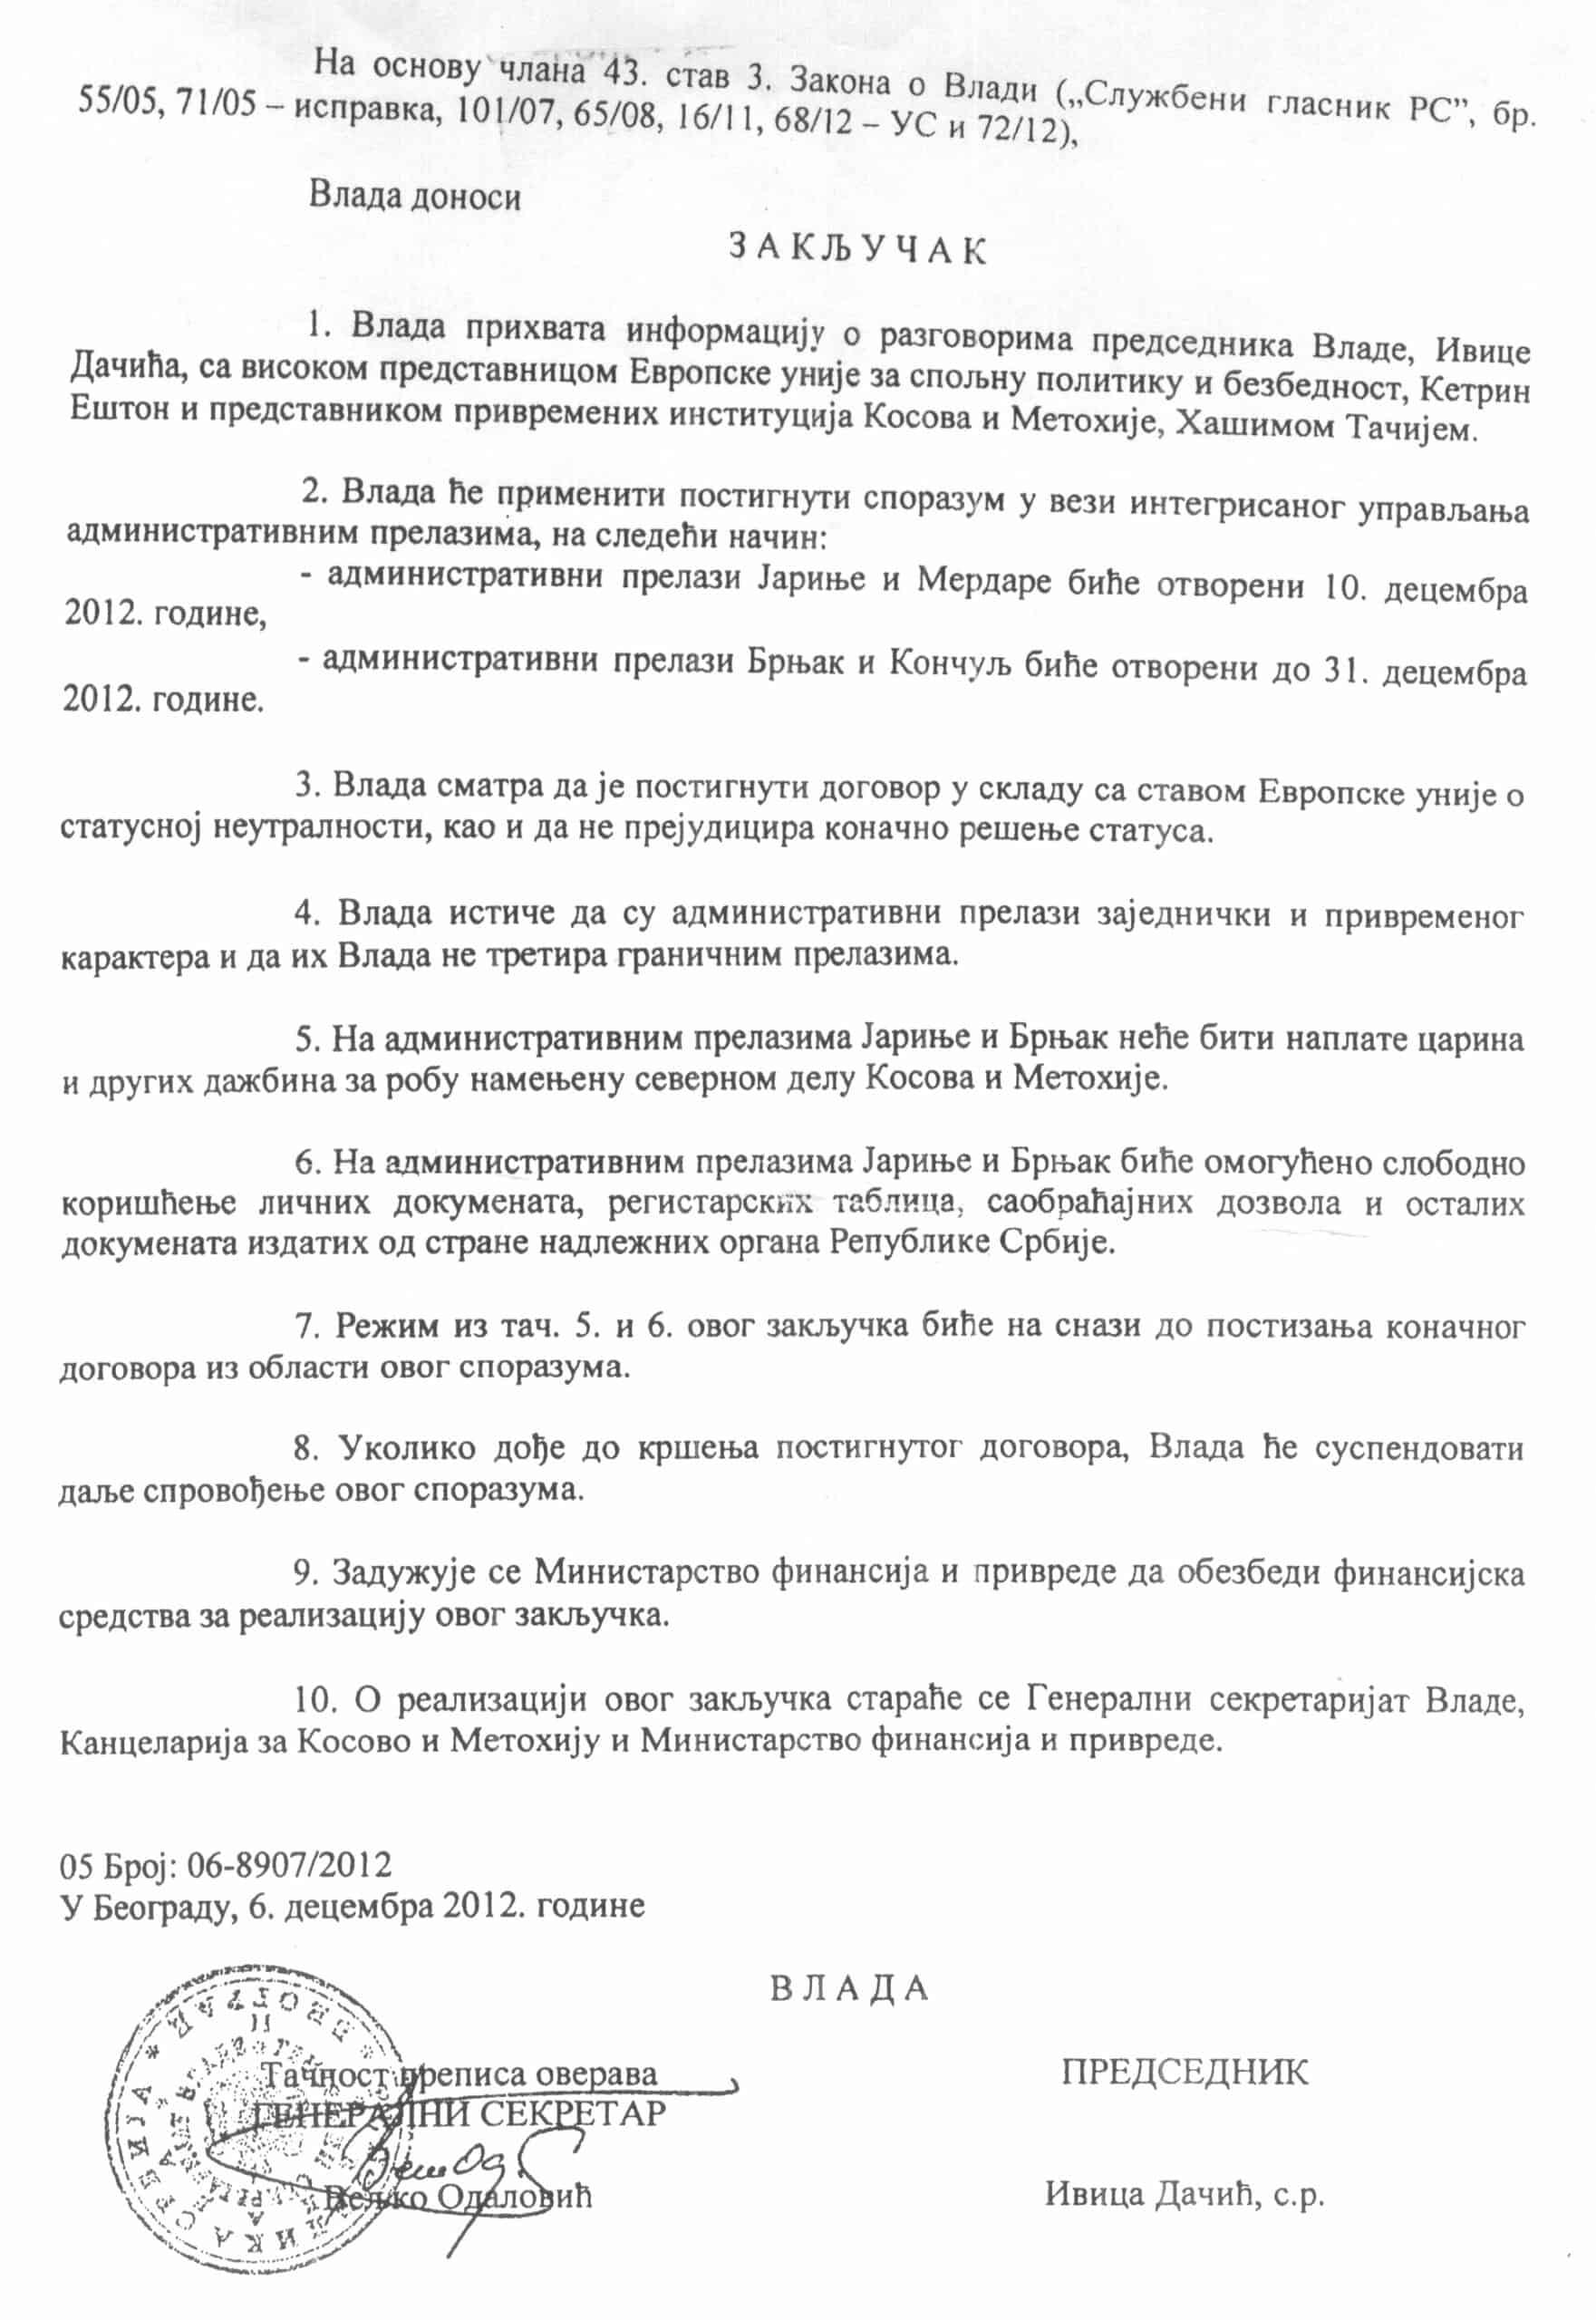 """Споразум о """"реципроцитету"""" са регистарским таблицама само је увертира предстојећег договора о """"нормализацији односа Београда и Приштине"""""""